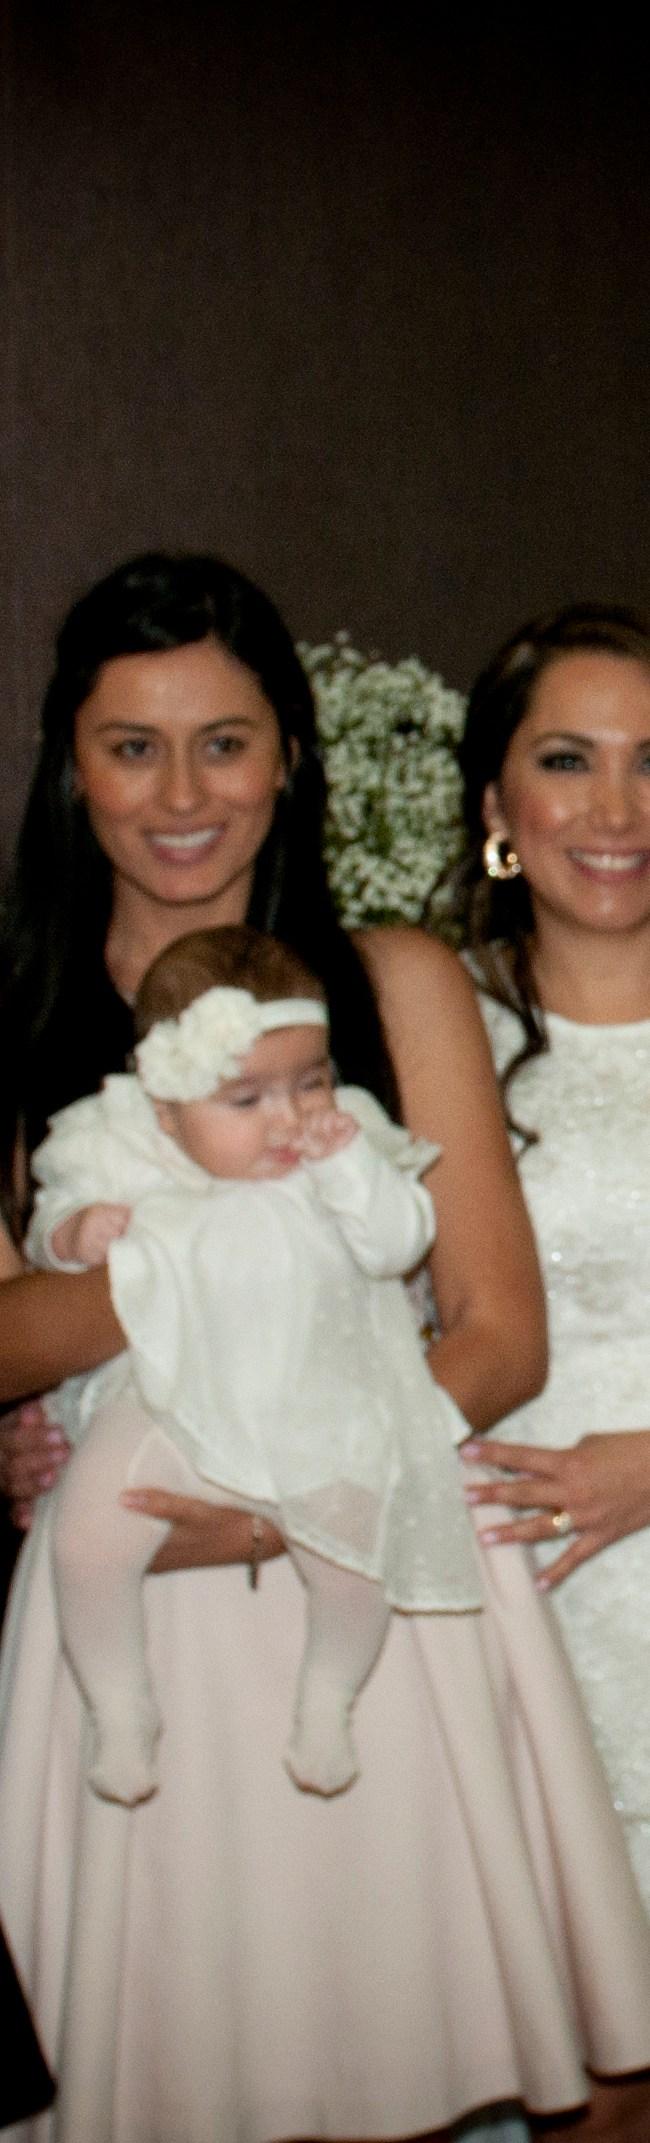 christening21